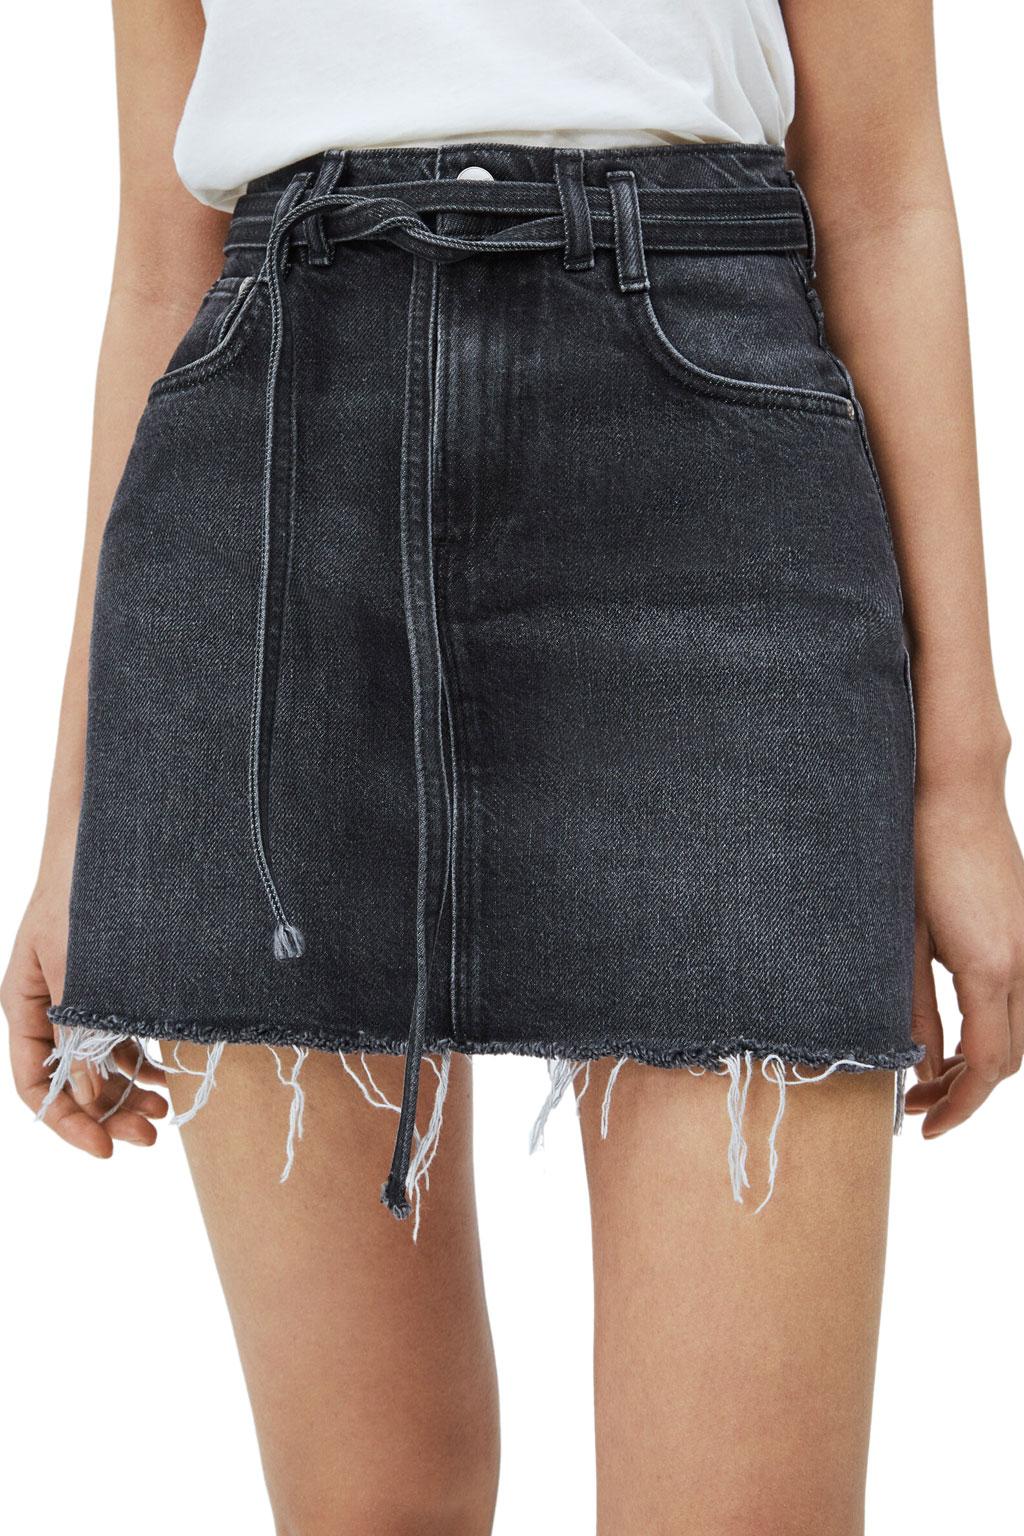 Μίνι φούστα με ζώνη